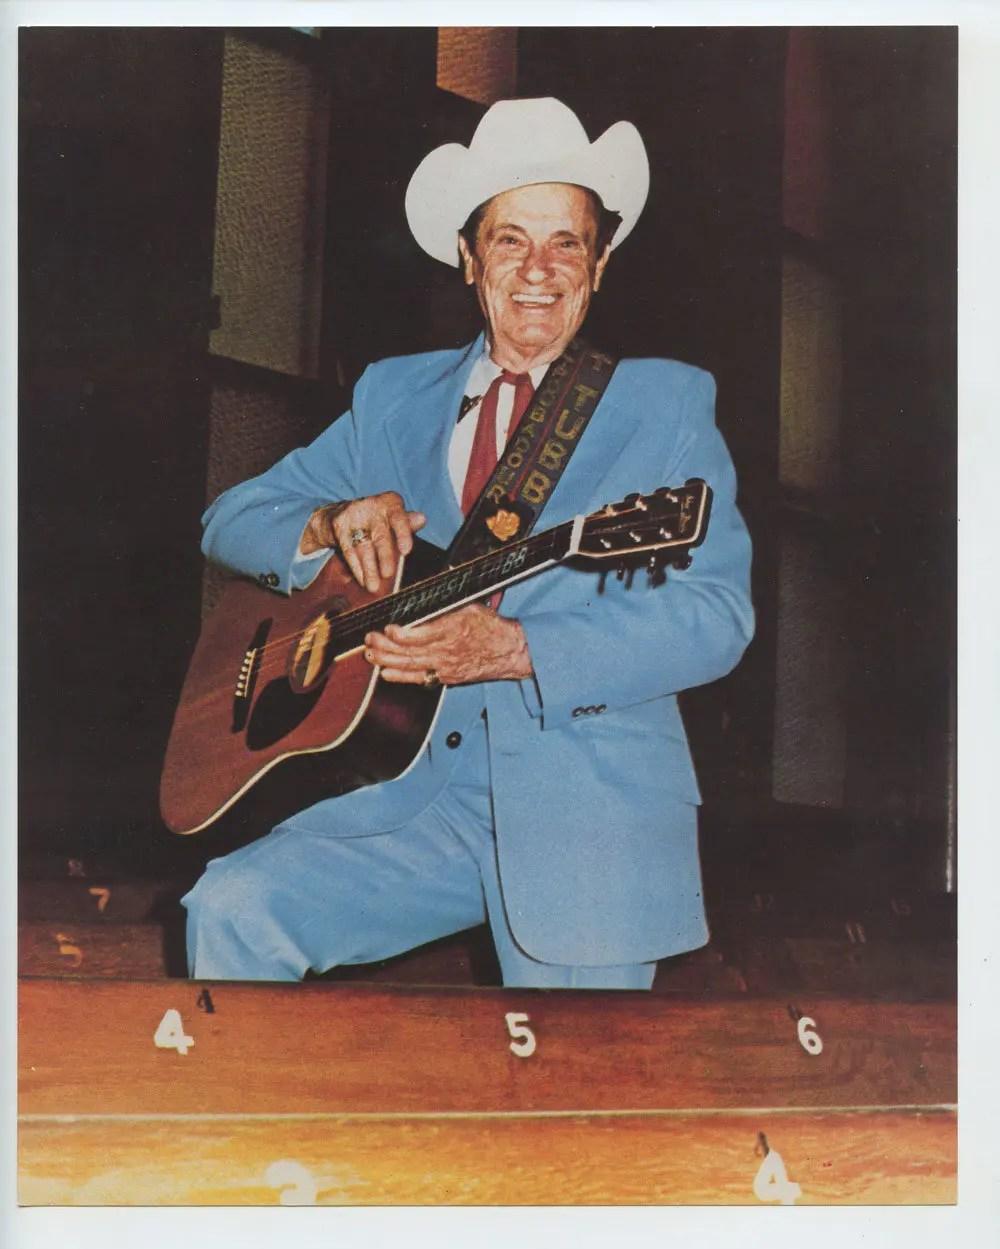 Ernest Tubb Photo 1970s Publicity Promo